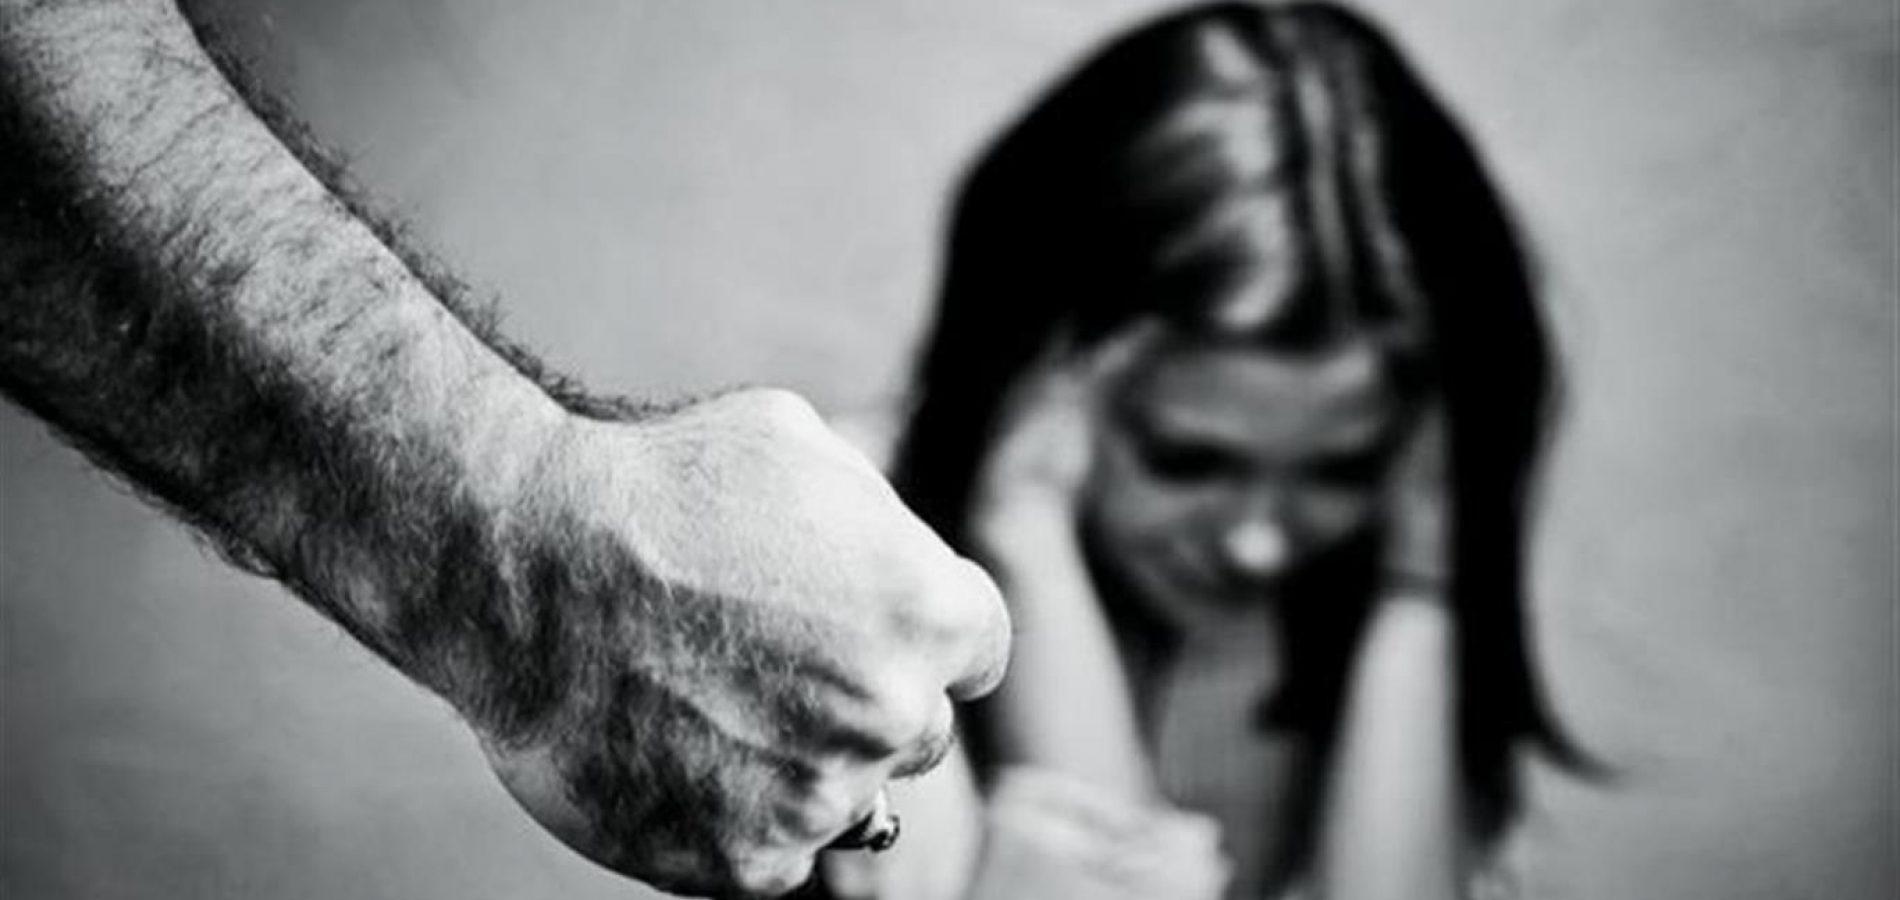 Comarca de Picos registrou 141 processos de violência doméstica este ano